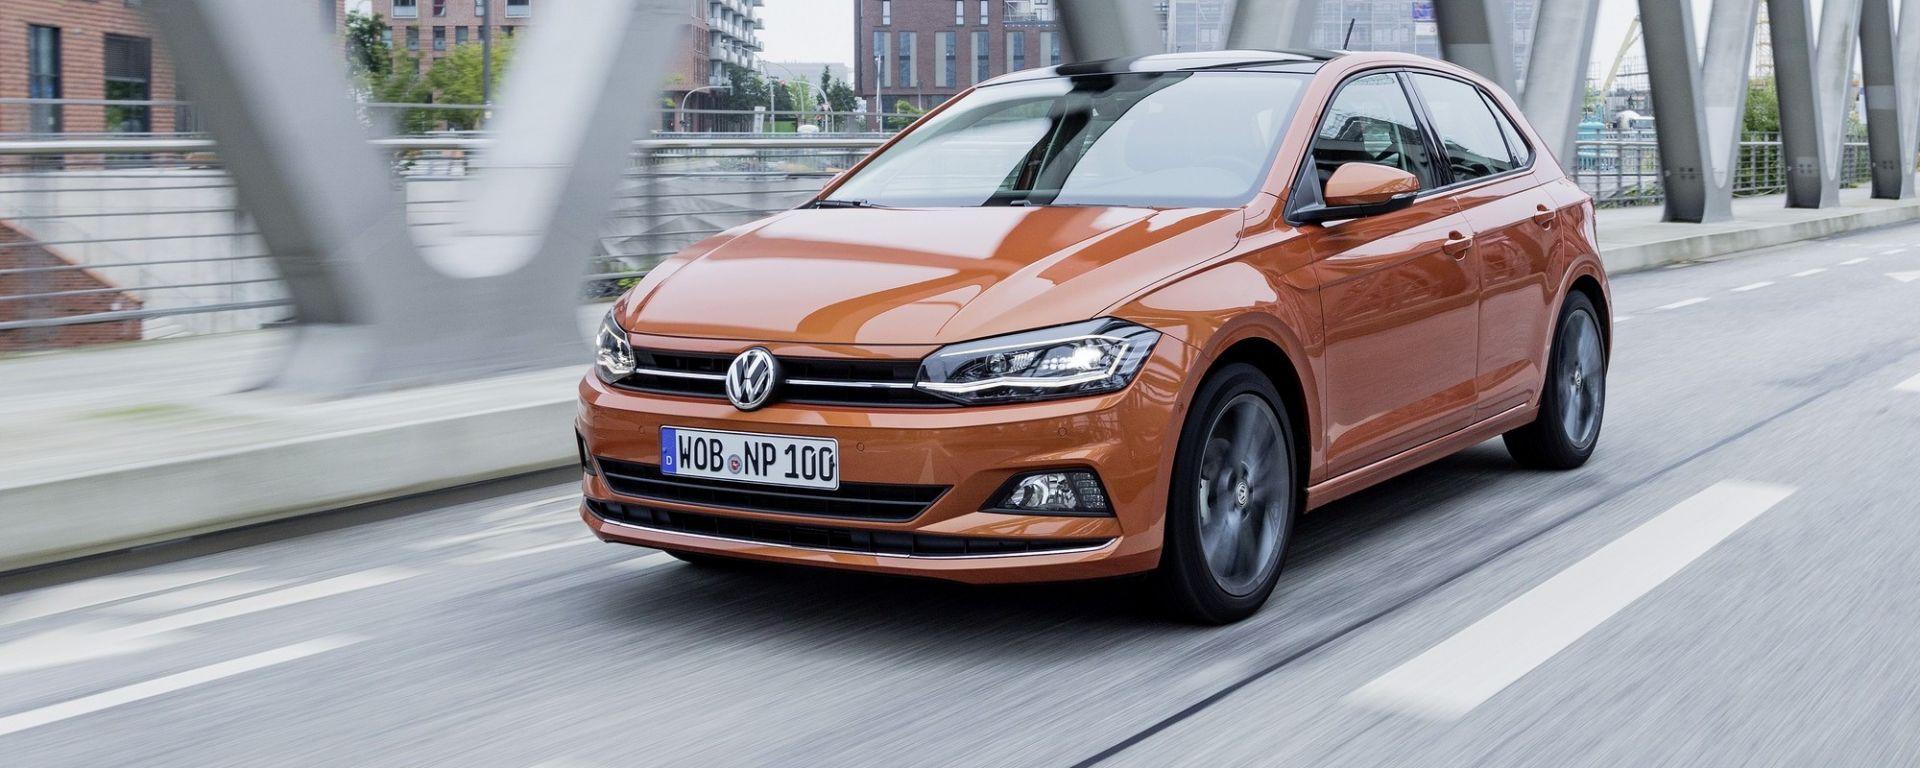 La nuova Volkswagen Polo è stata richiamata in oltre 200.000 esemplari